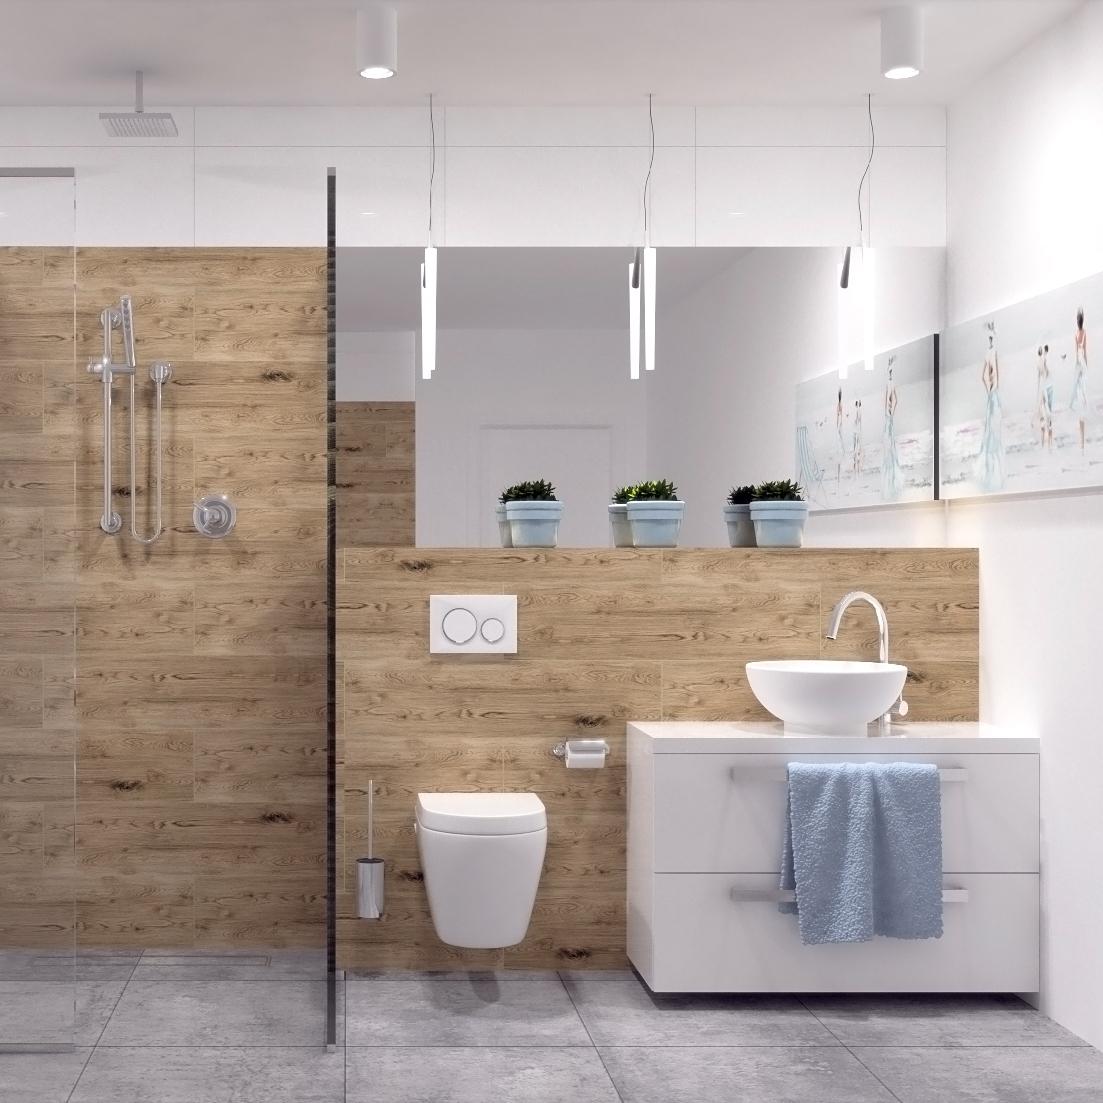 Projekt łazienki wodcieniach szarości ibrązu.